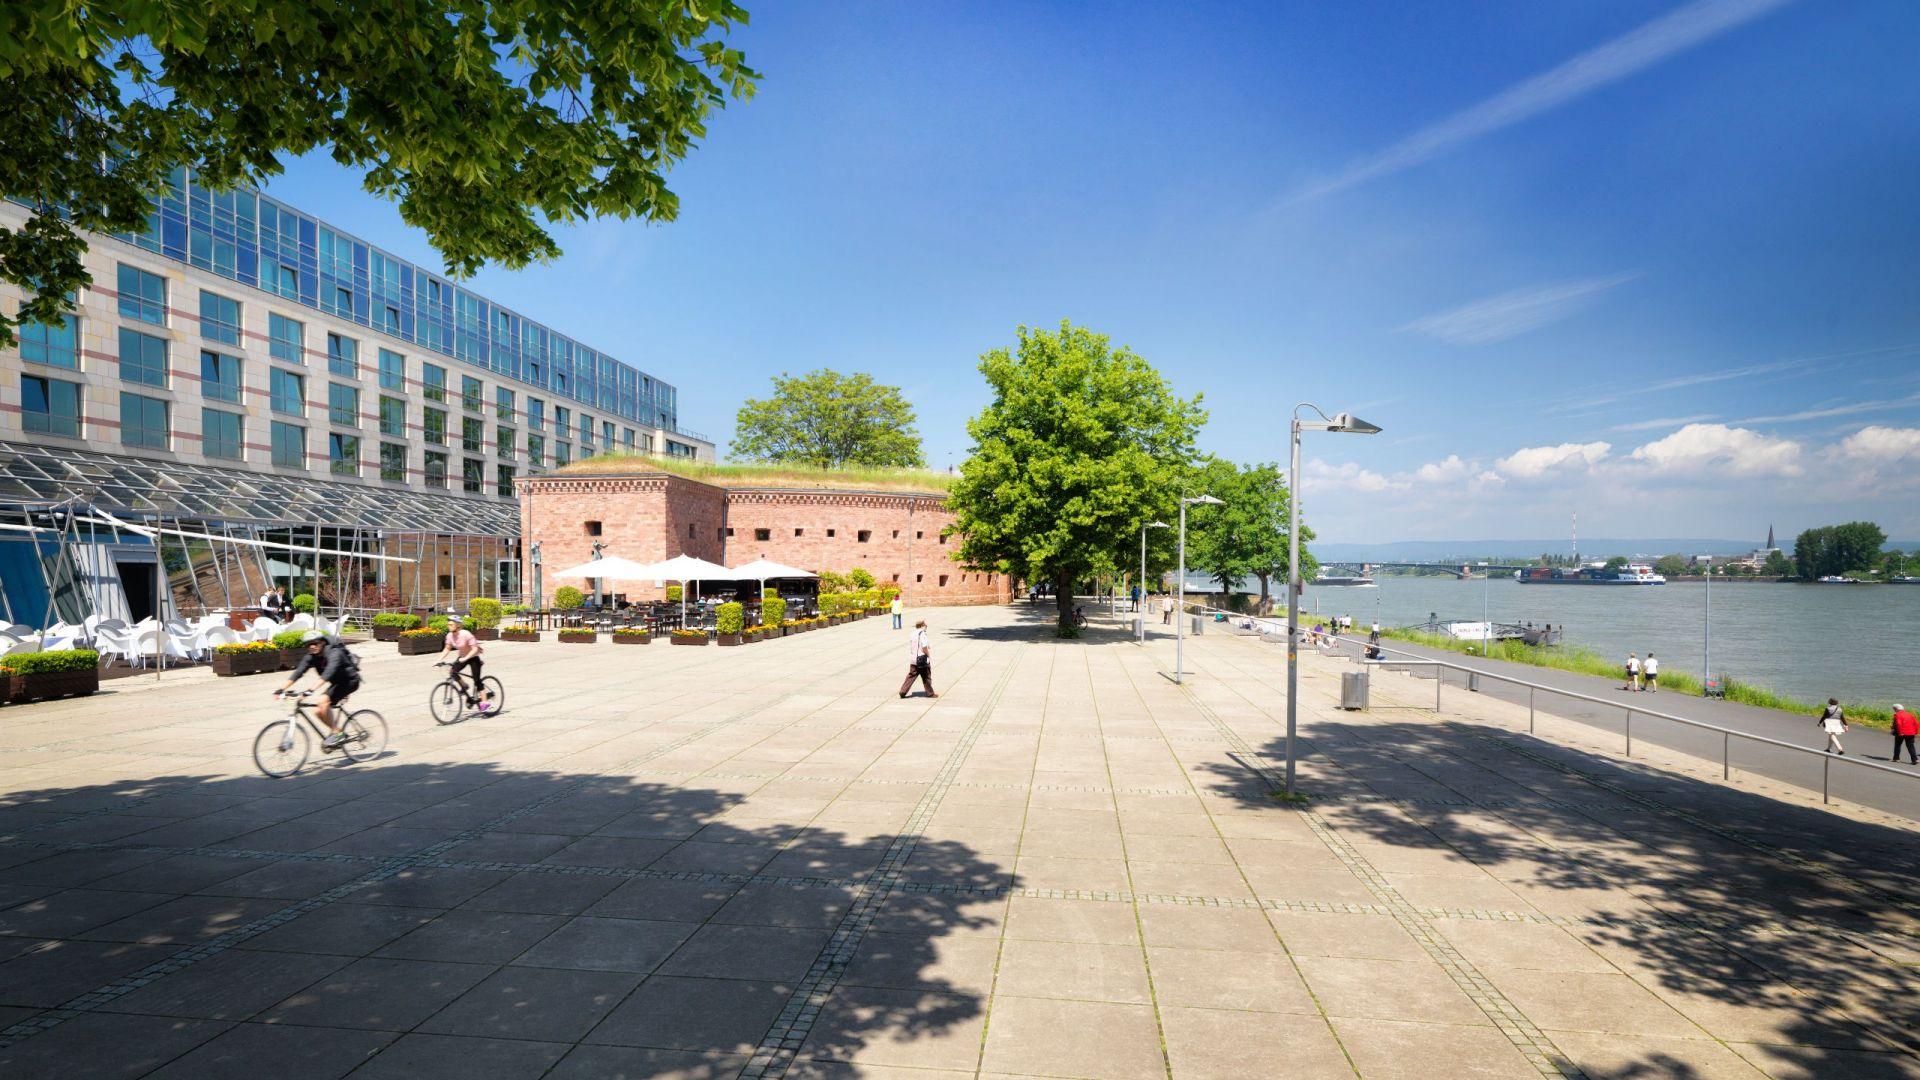 Rhine Piazza